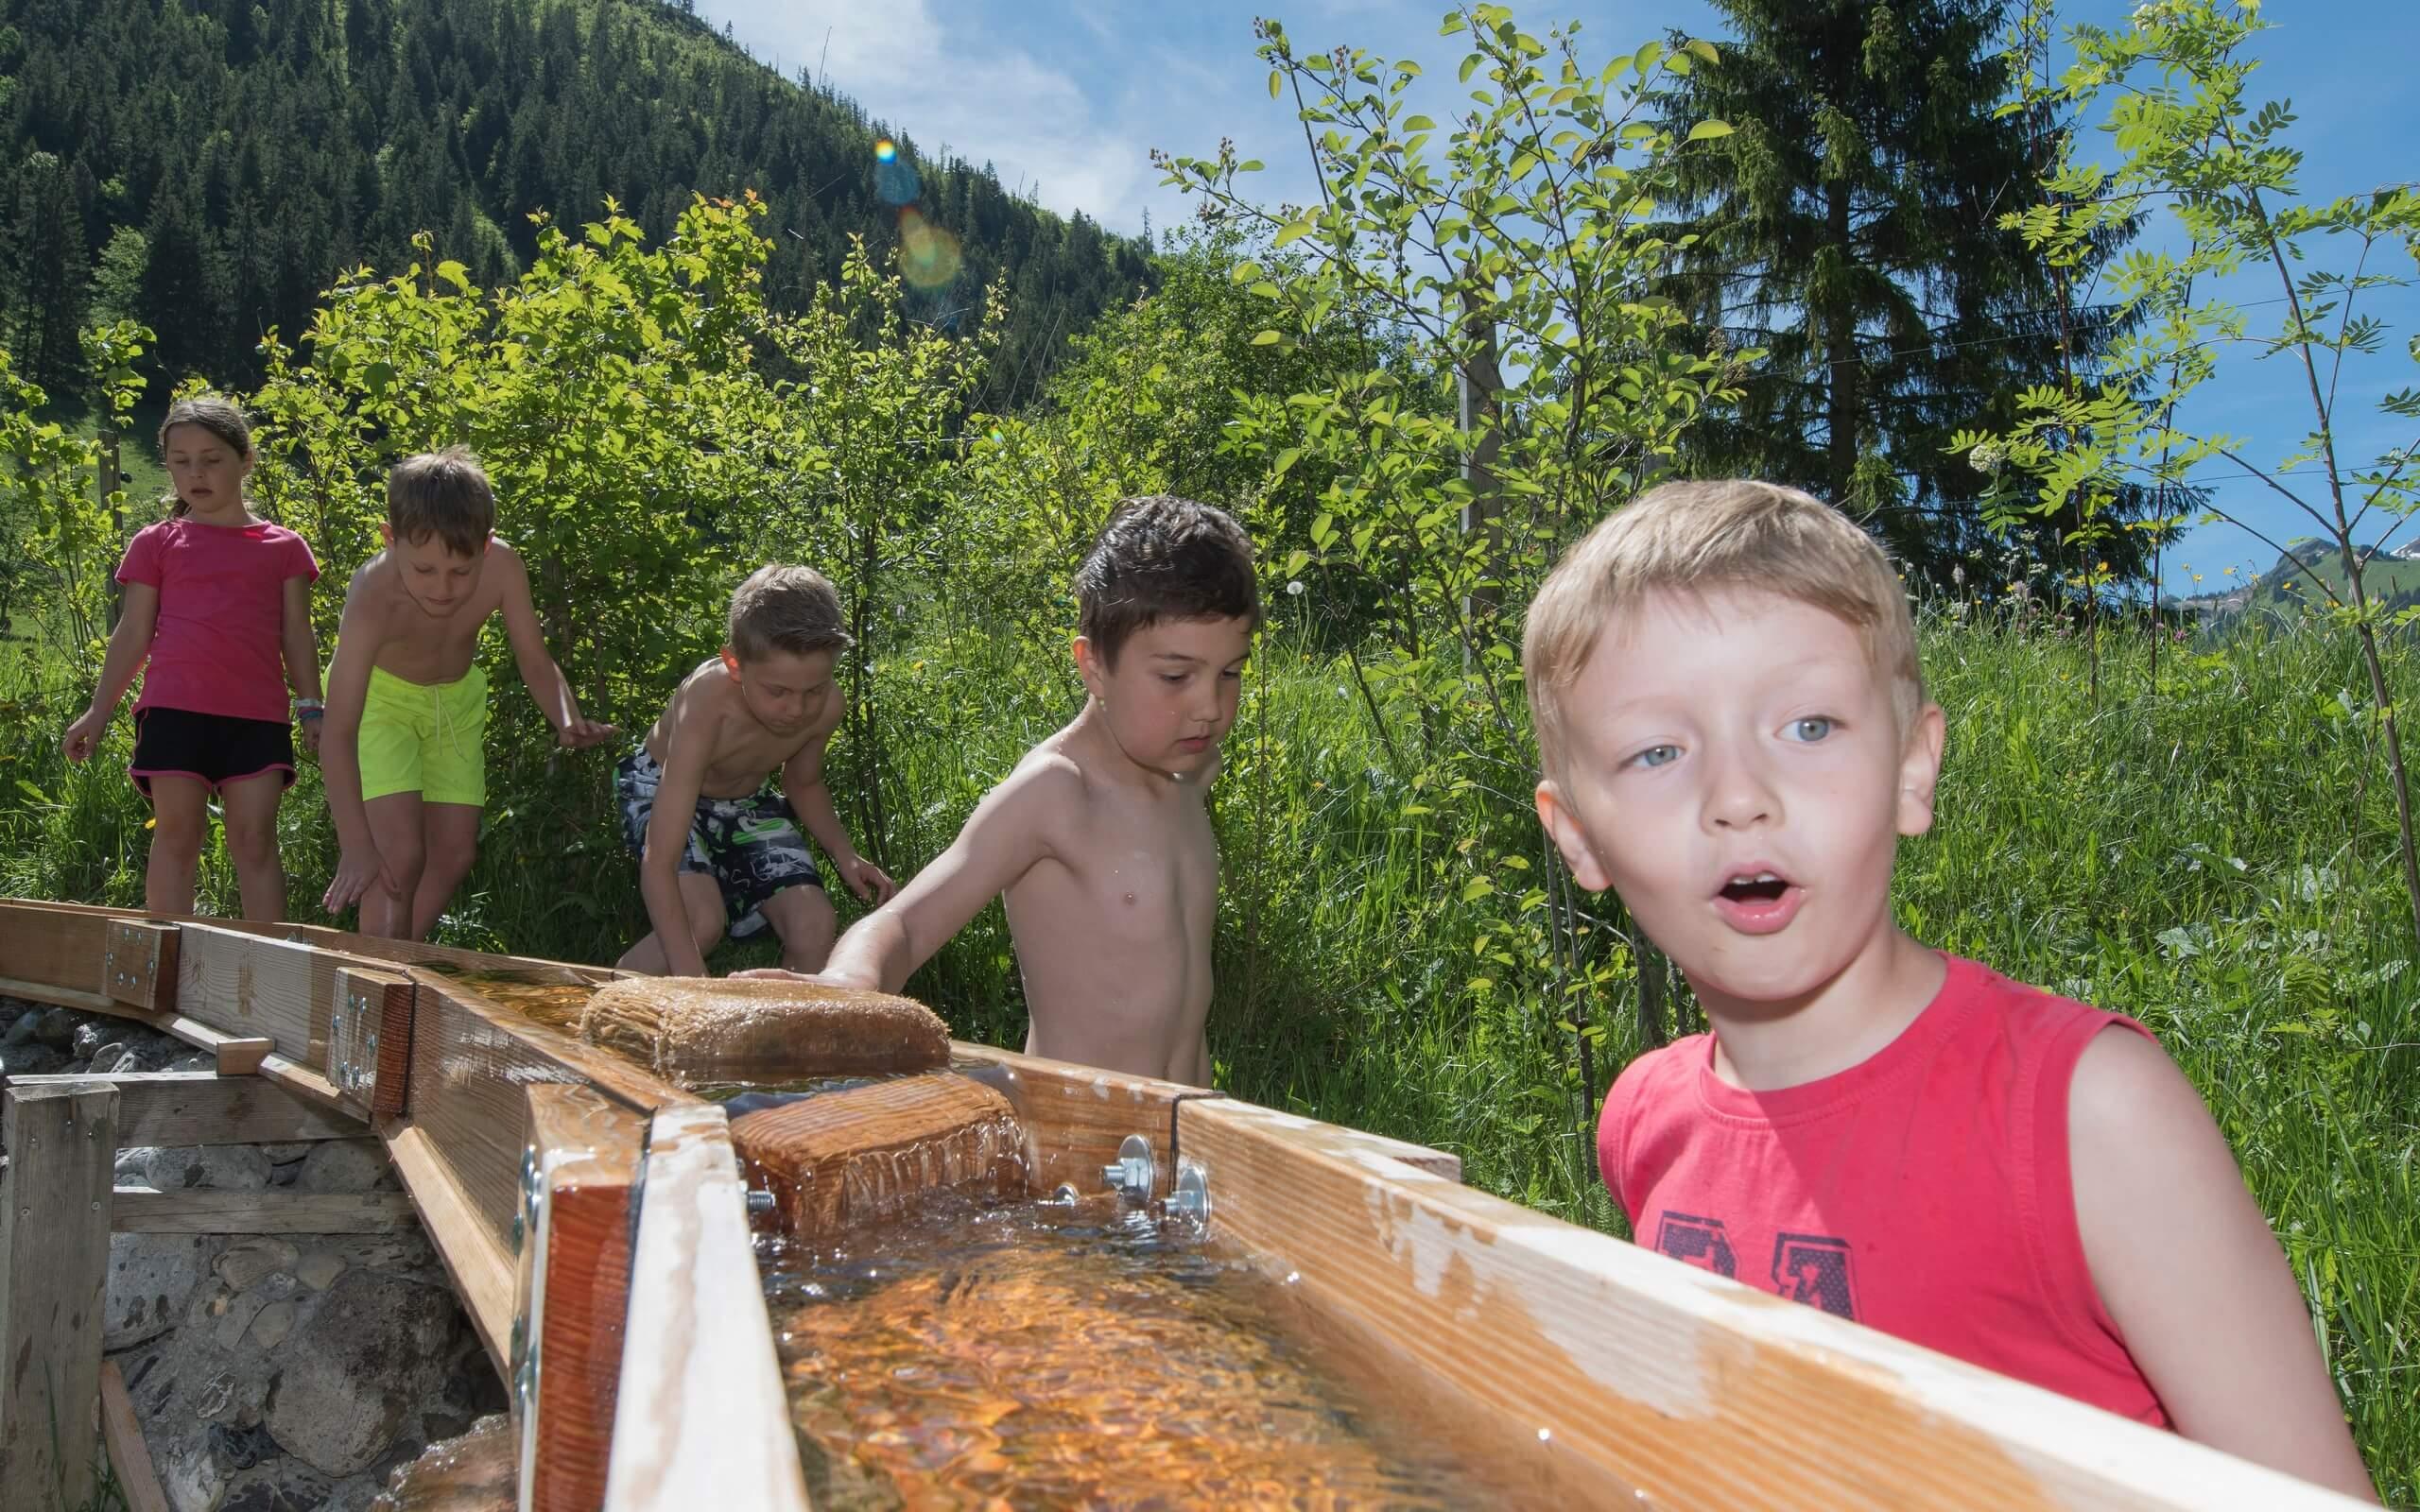 diemtigtal-familie-kinder-gwunderwasser-sommer-familienausfluege